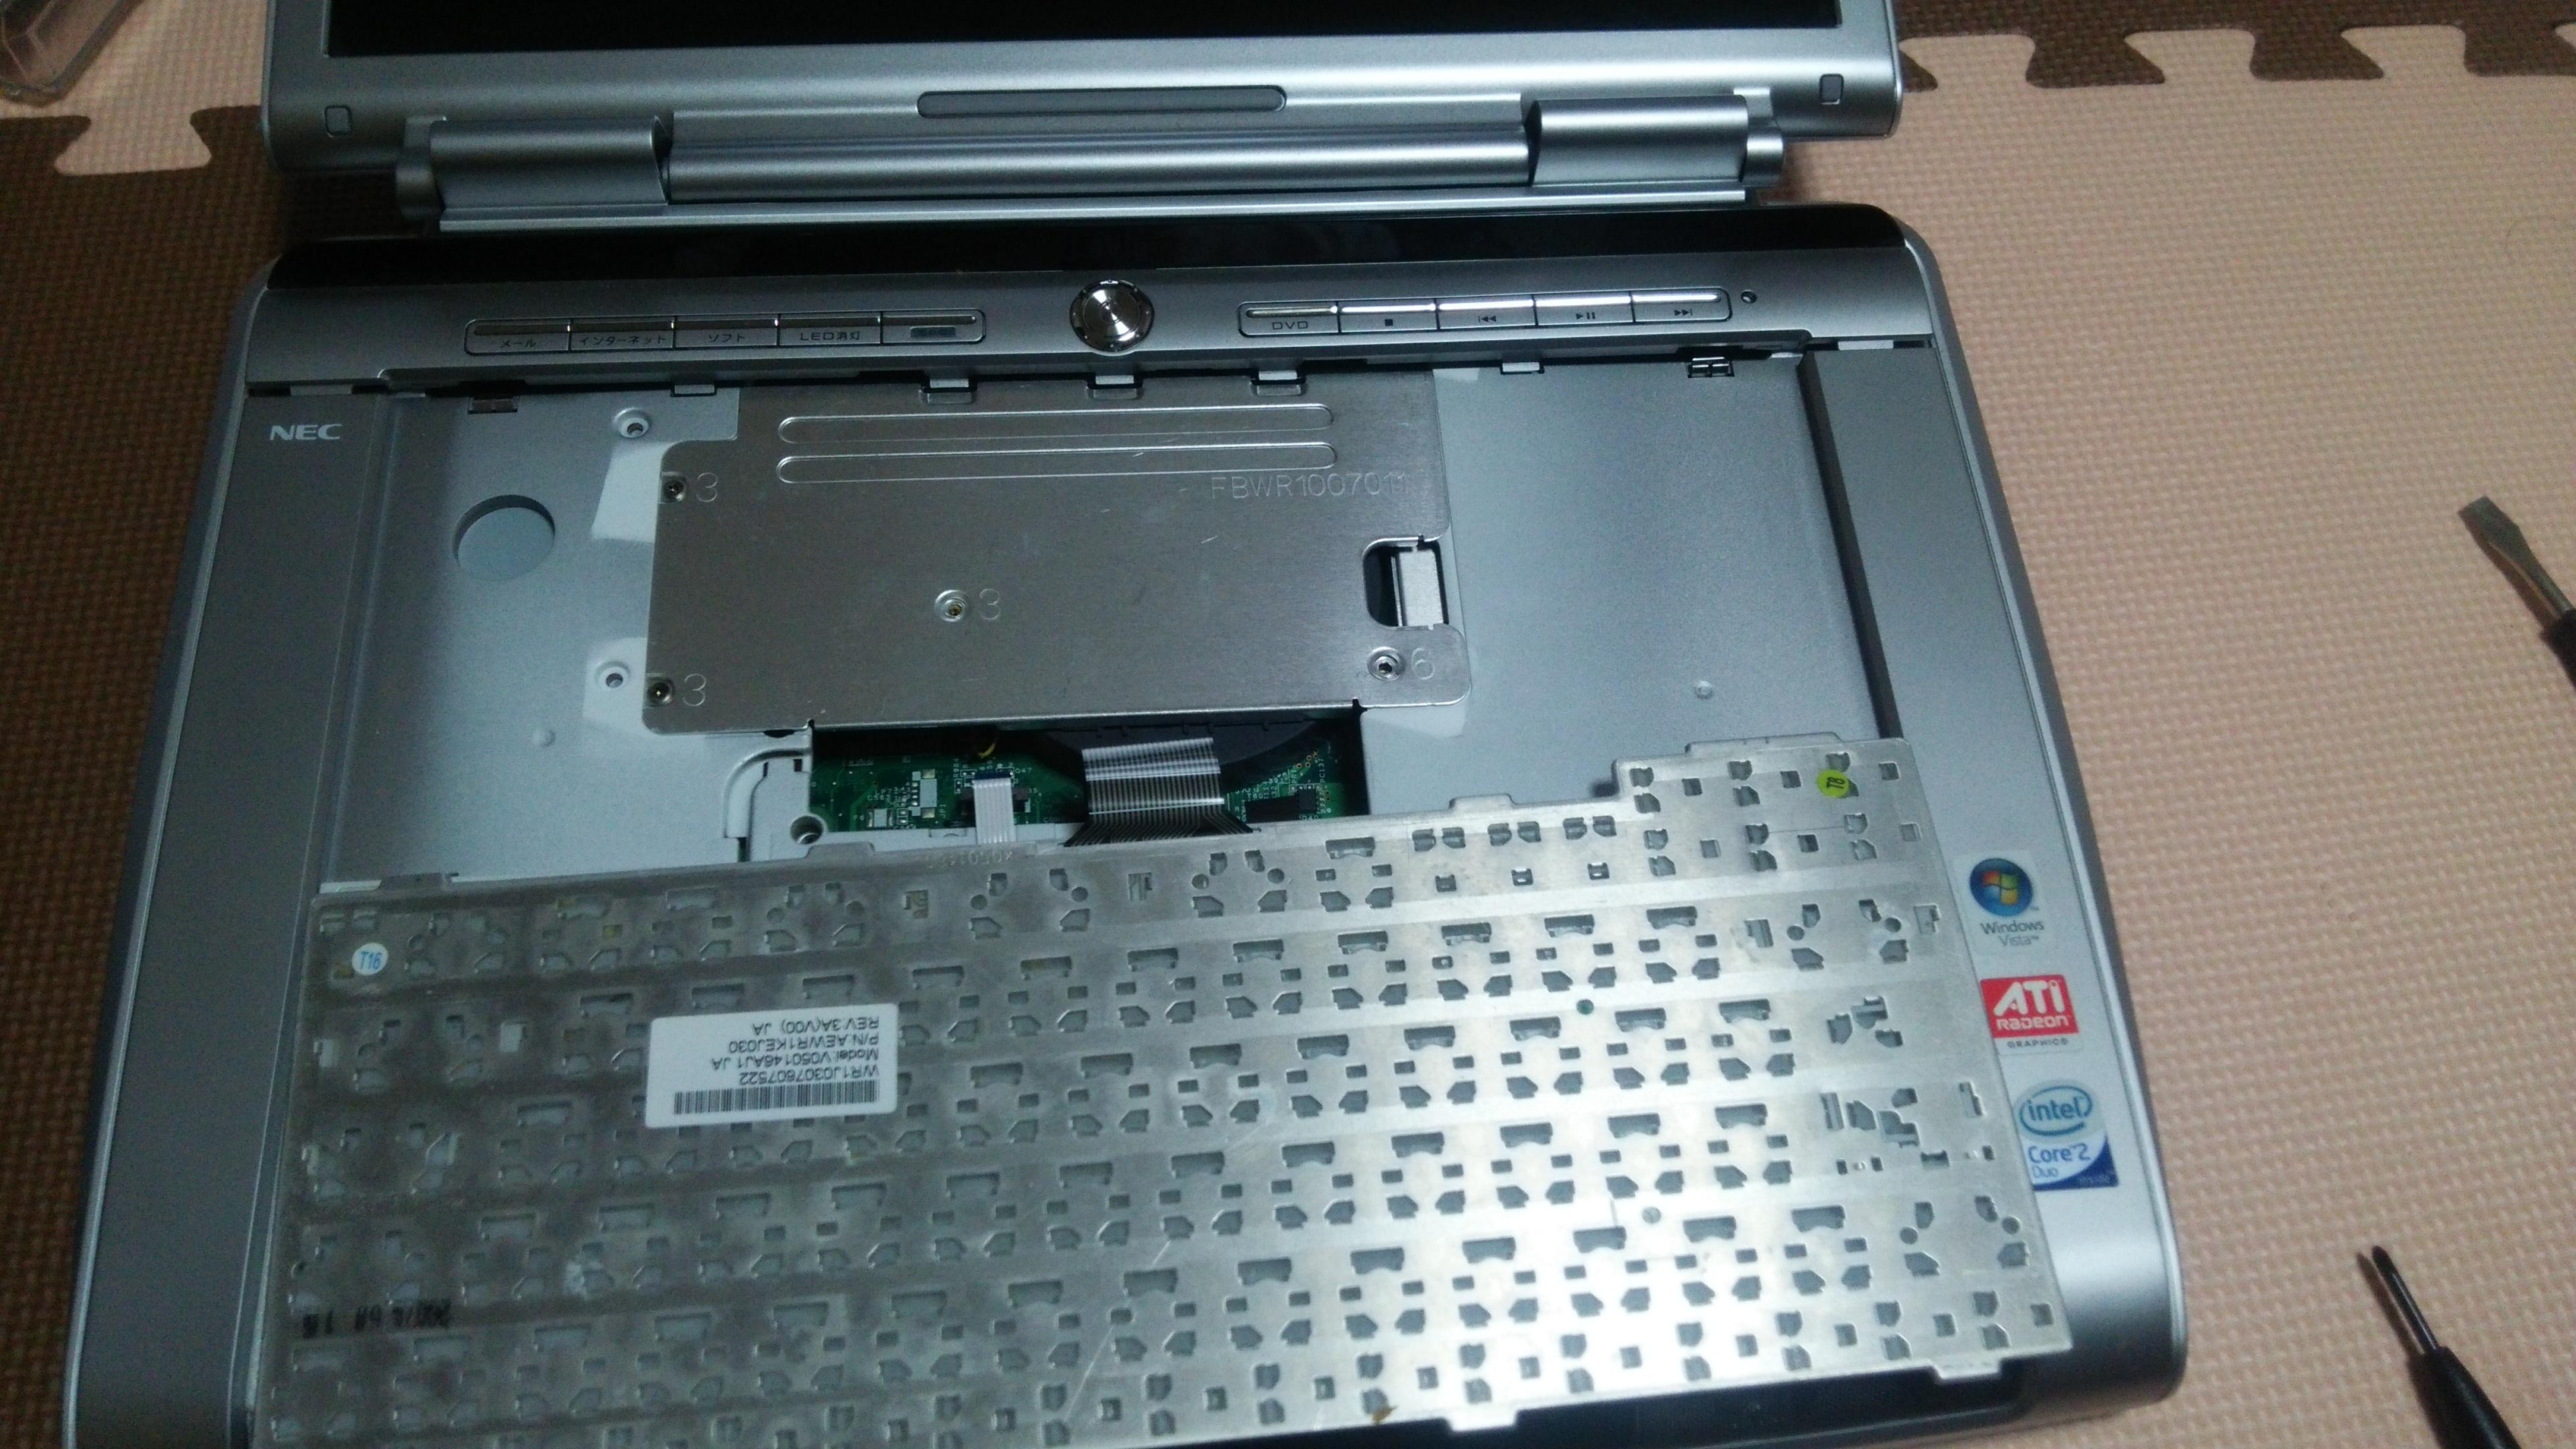 NECのノートPC内蔵ハードディスクを取ってみた